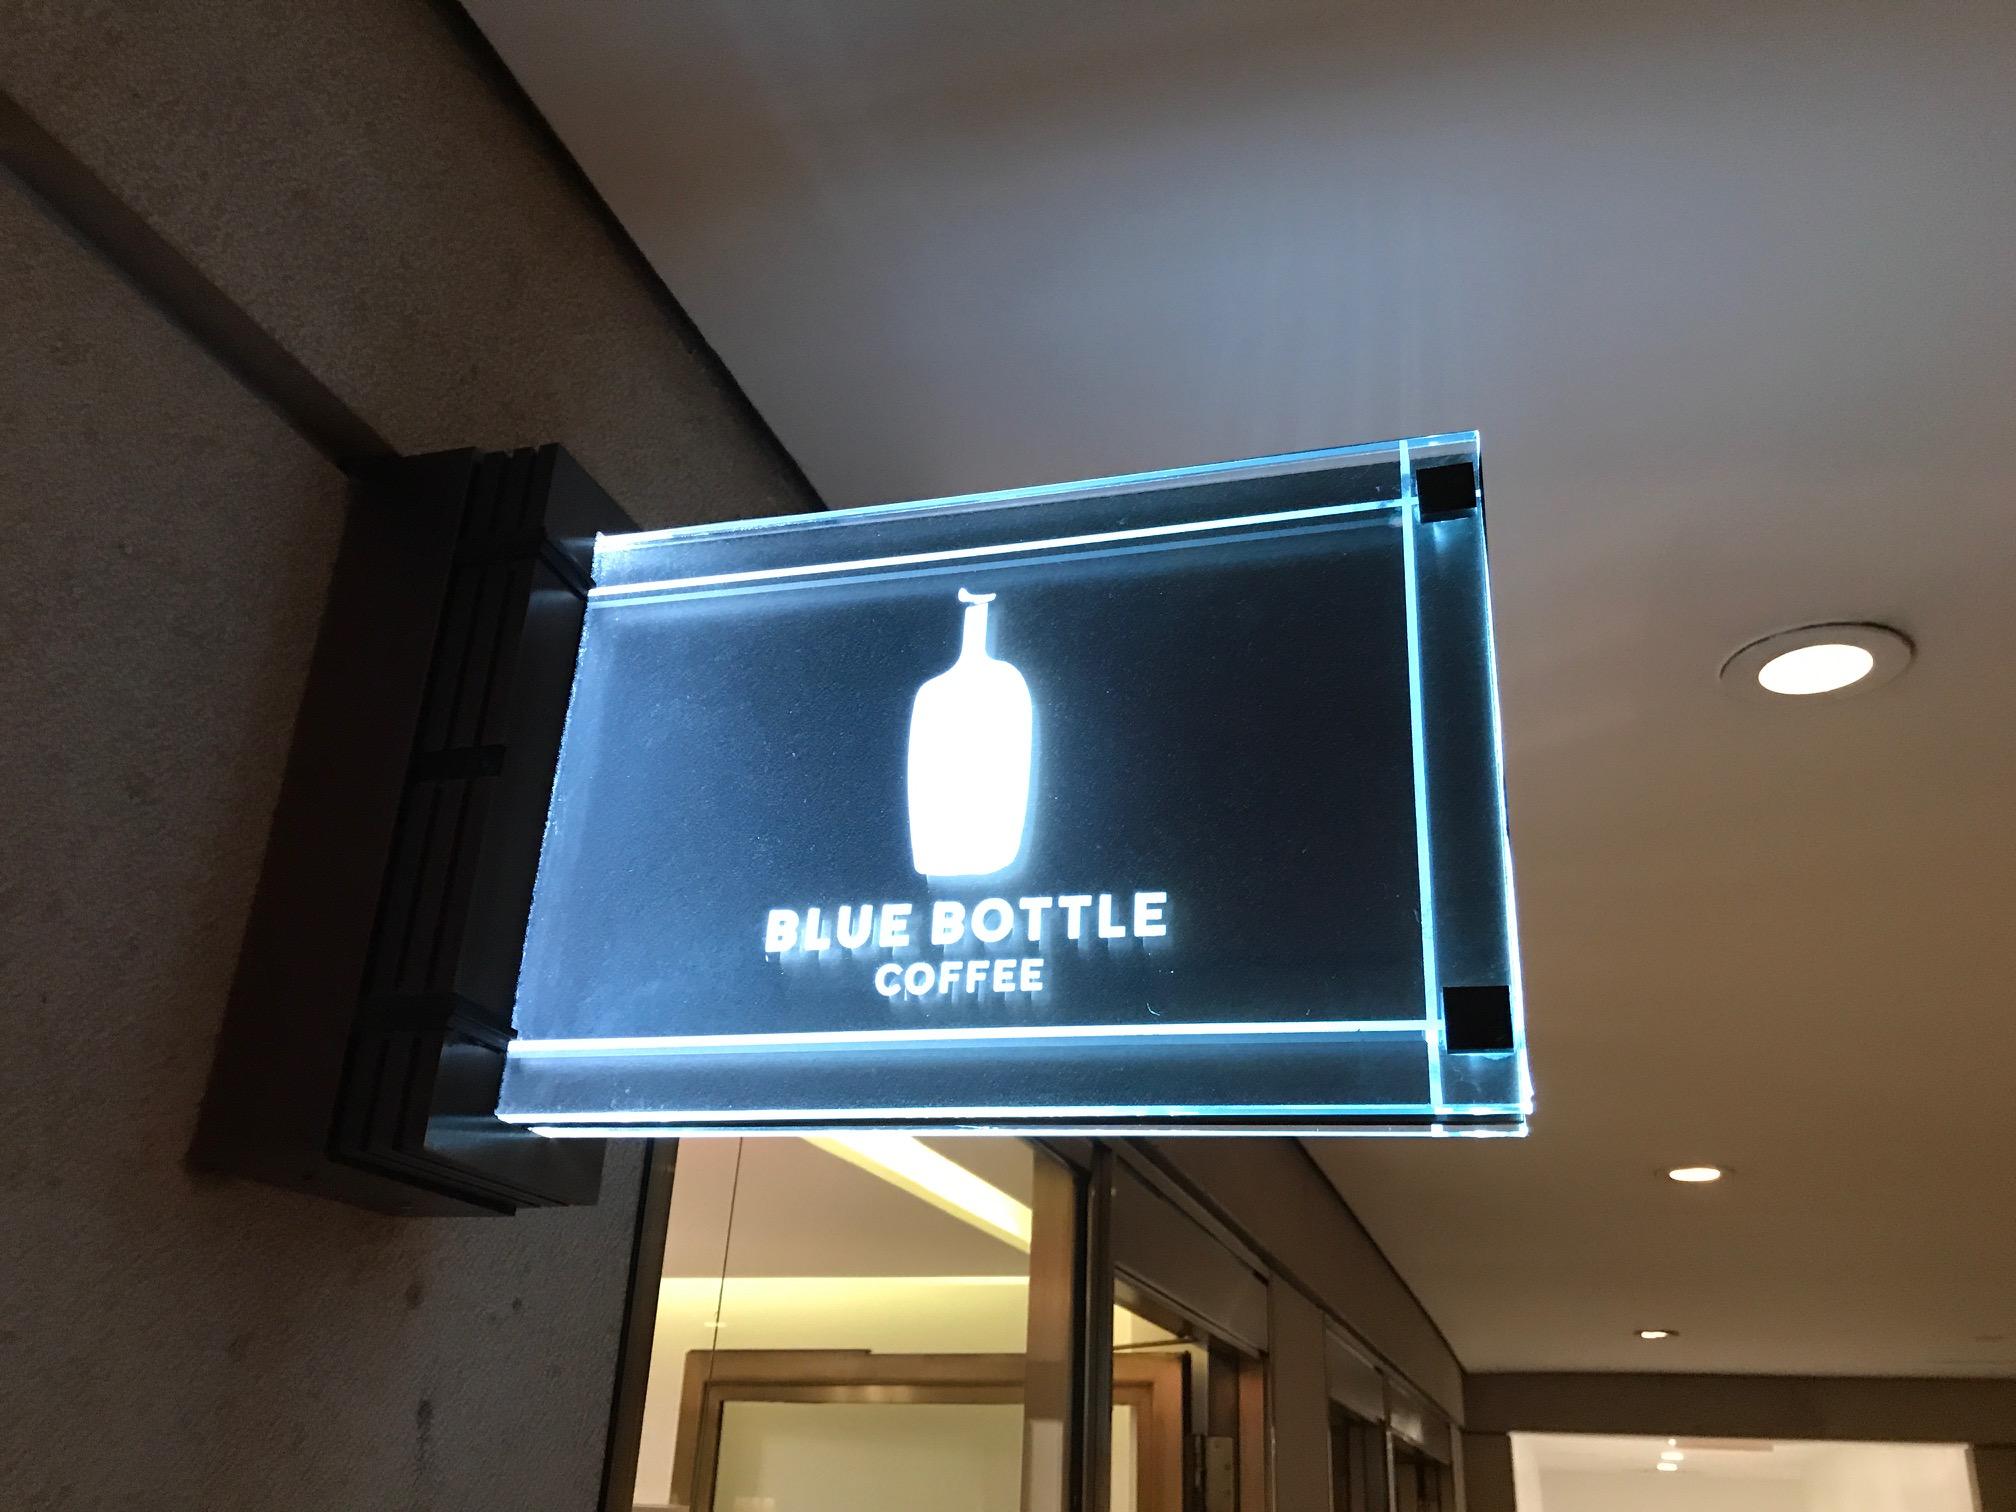 The classic Blue Bottle Branding